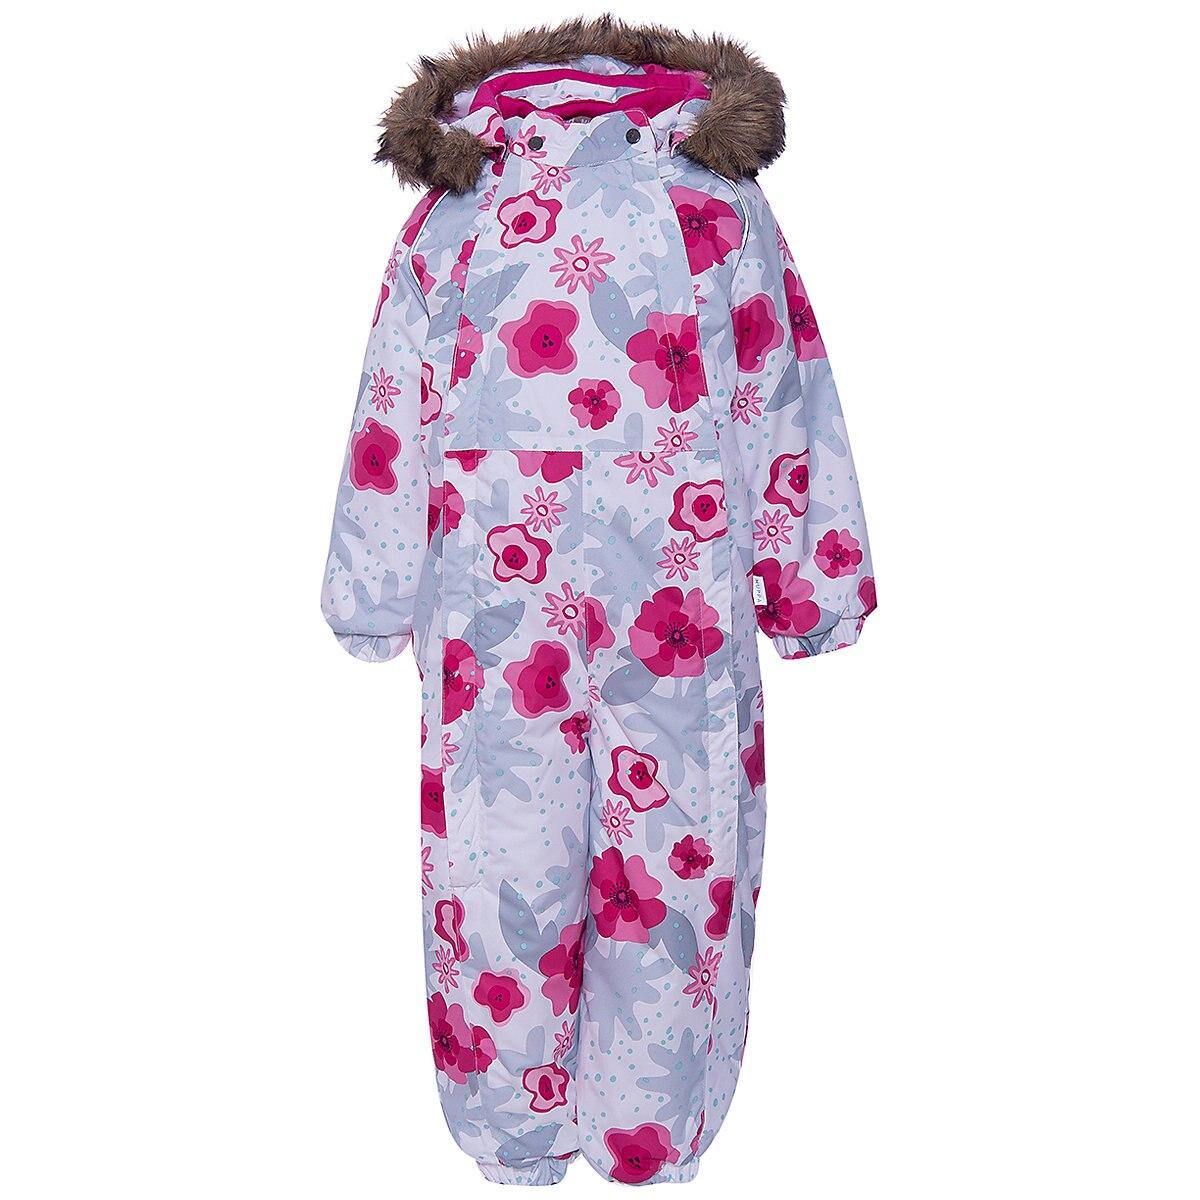 Salopette HUPPA pour filles 8959201 barboteuses bébé combinaison enfants vêtements enfants